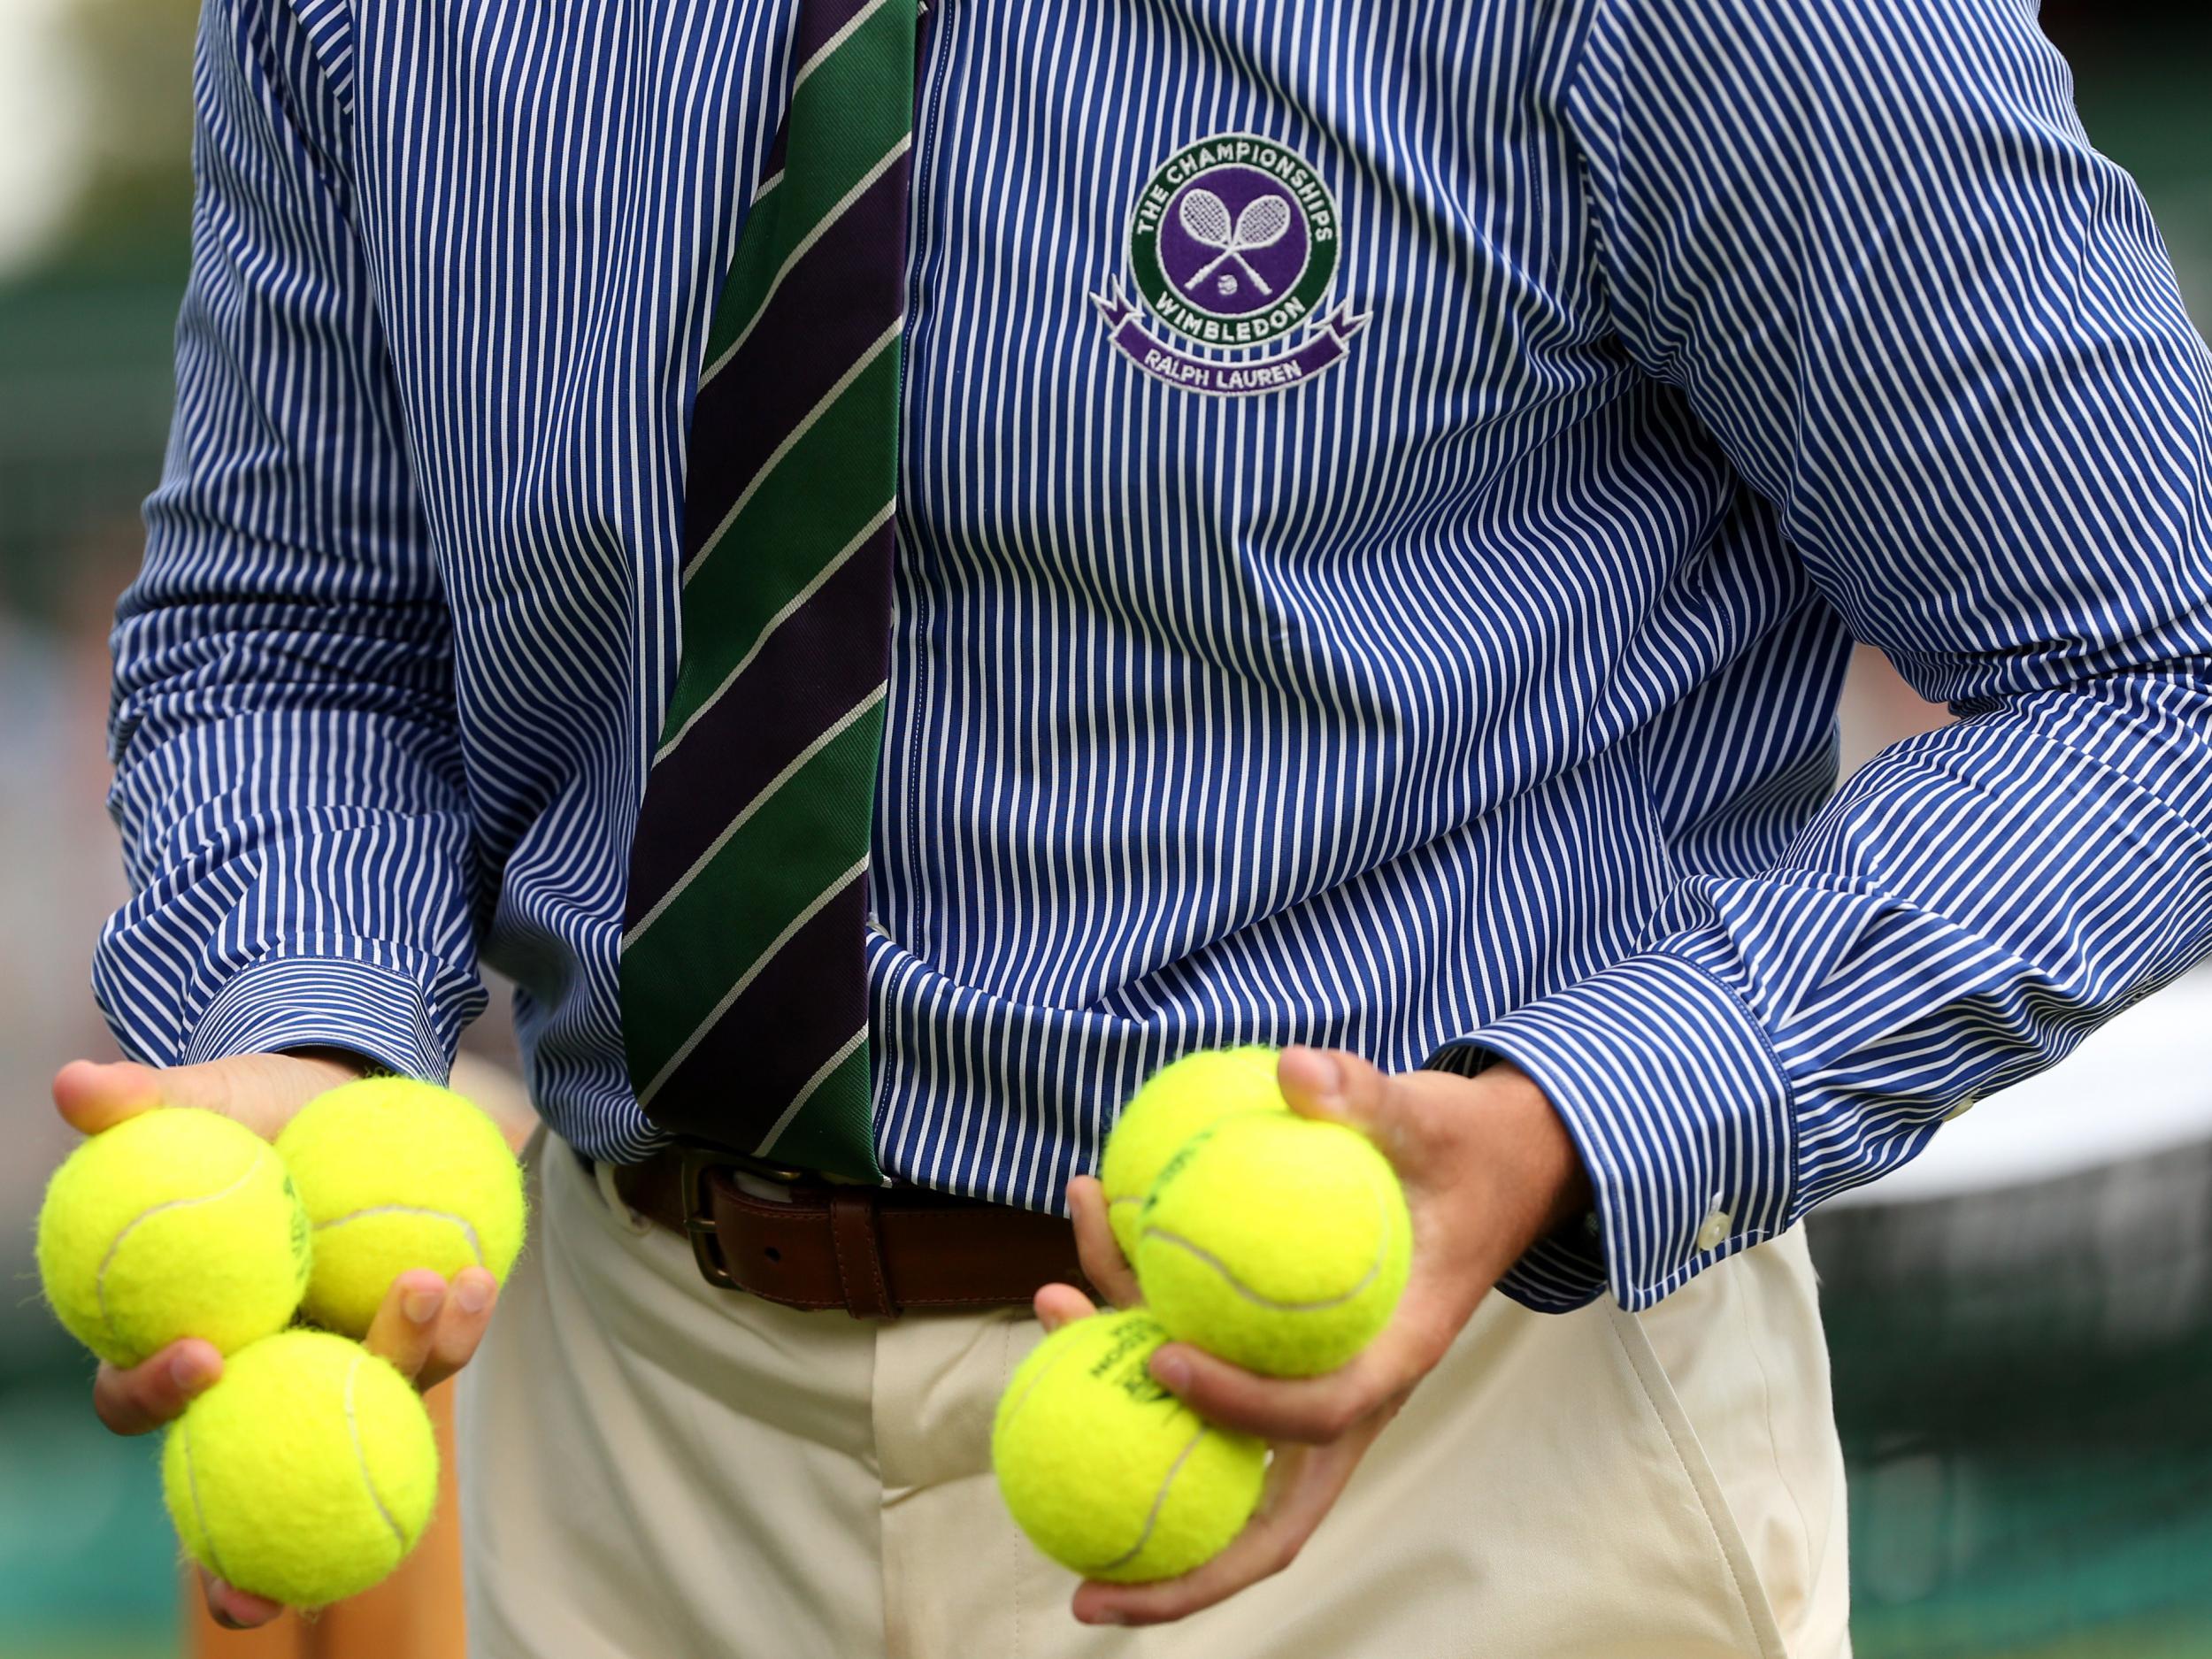 Wimbledon Overseas Public Ballot Lottery Open in December ...